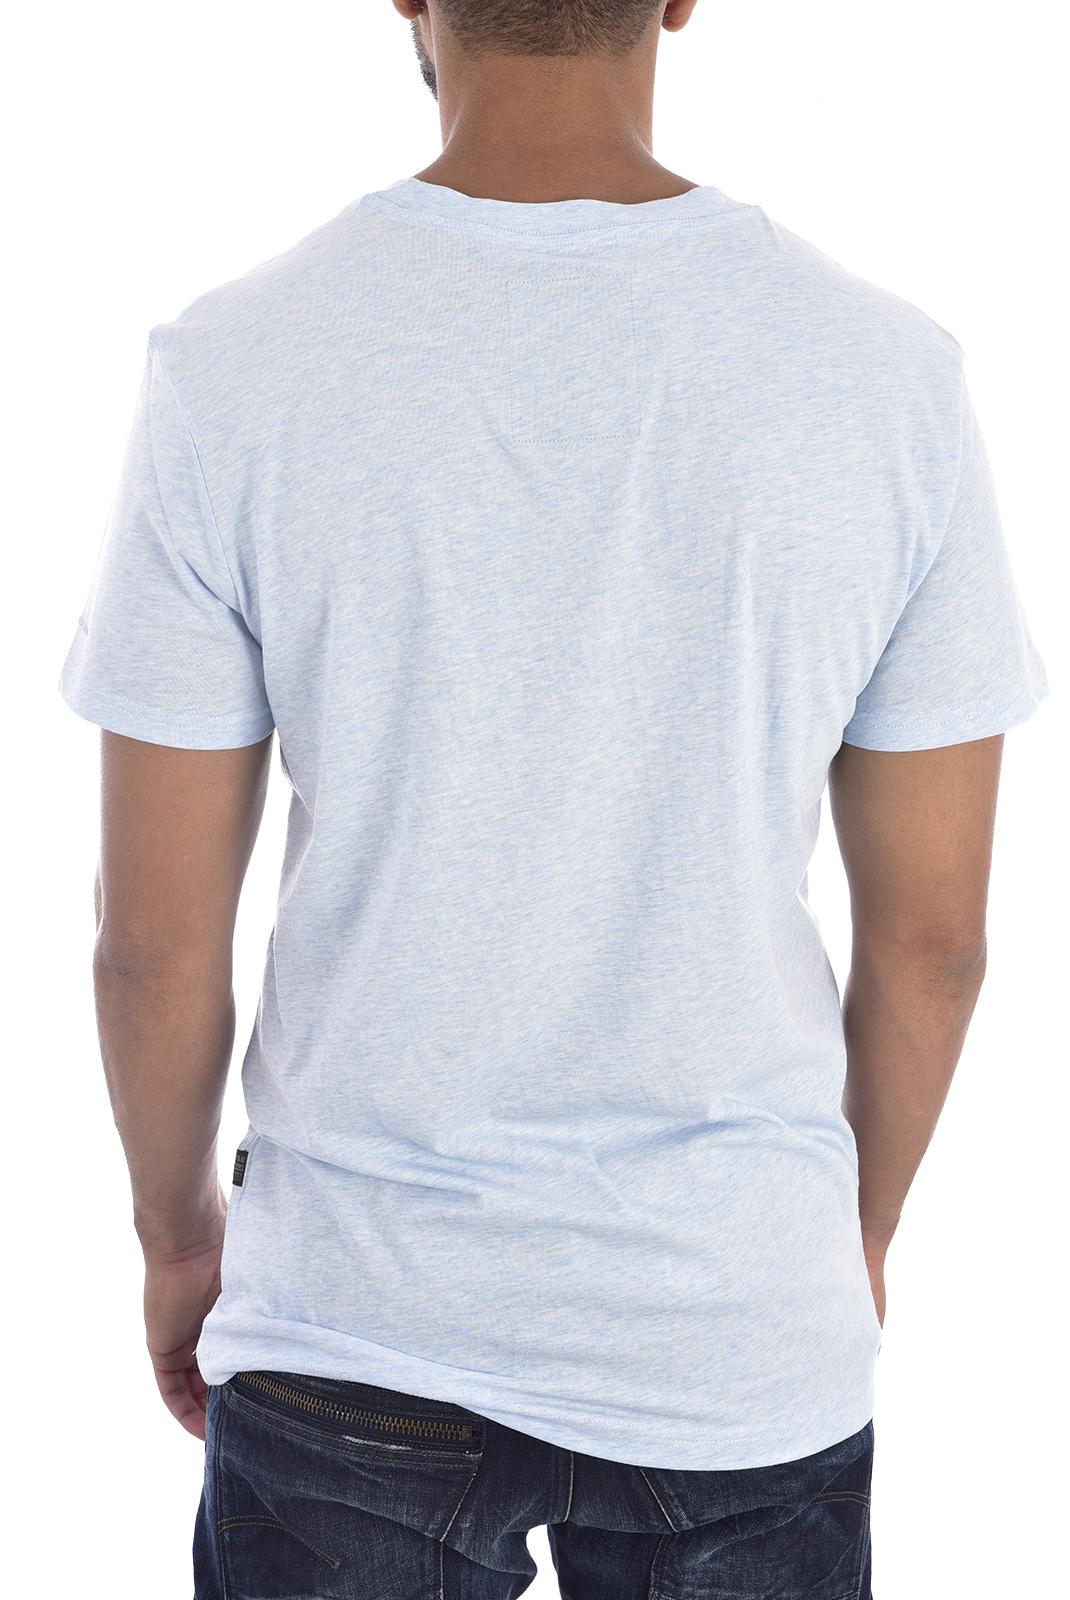 Tee-shirts  G-star D02852-2757 elevor bleu